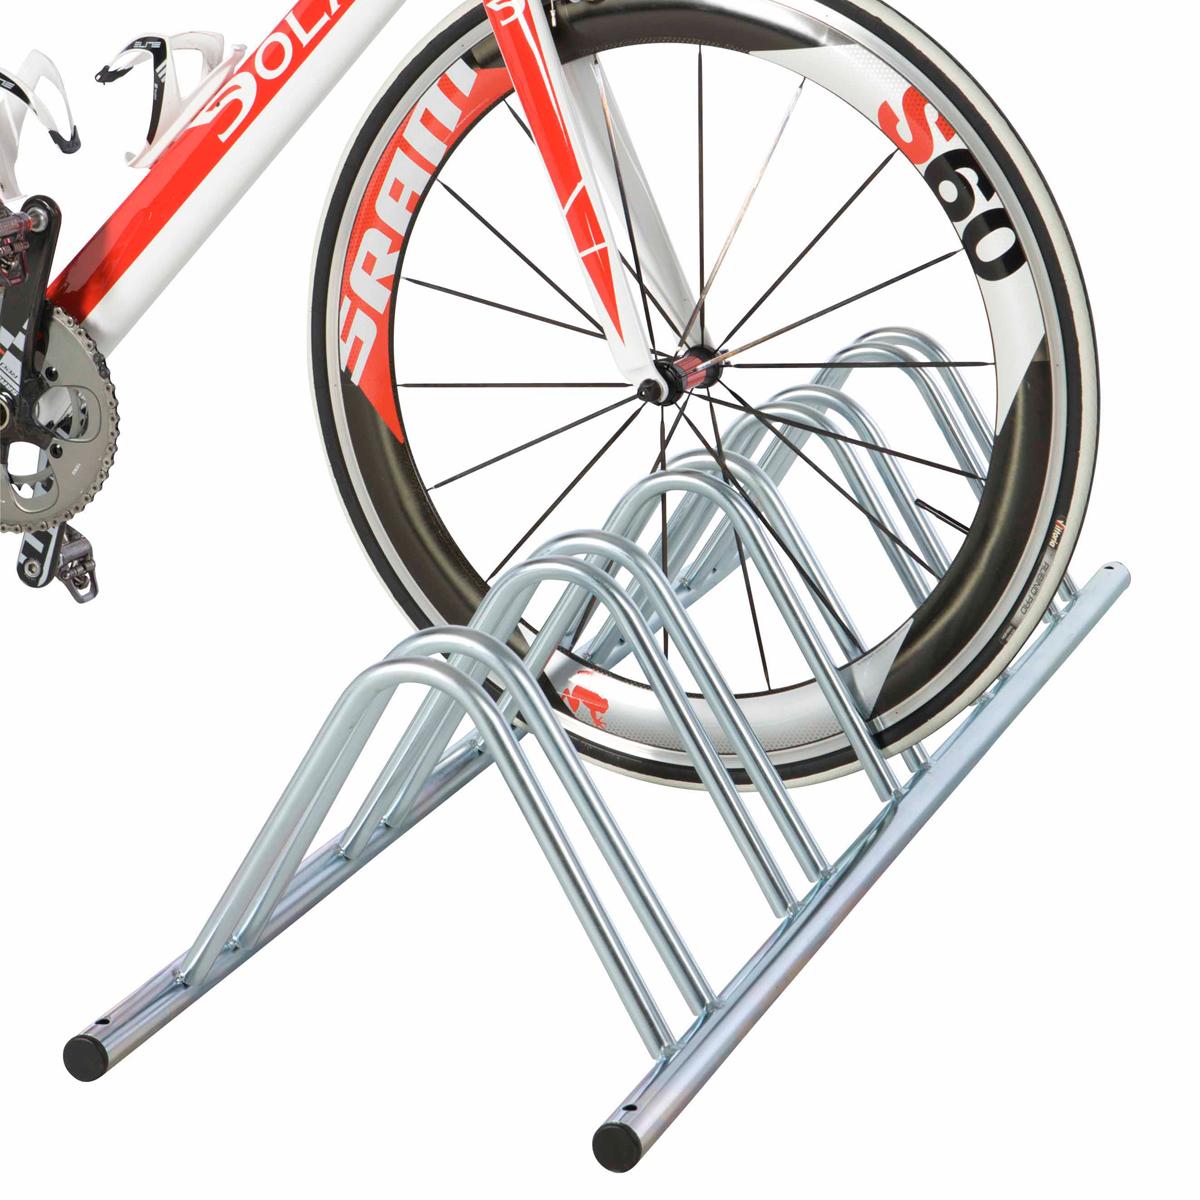 1 2 3 4 5 BIKE BICYCLE CYCLE FLOOR MOUNT RACK STAND SECURE STORAGE BIKES